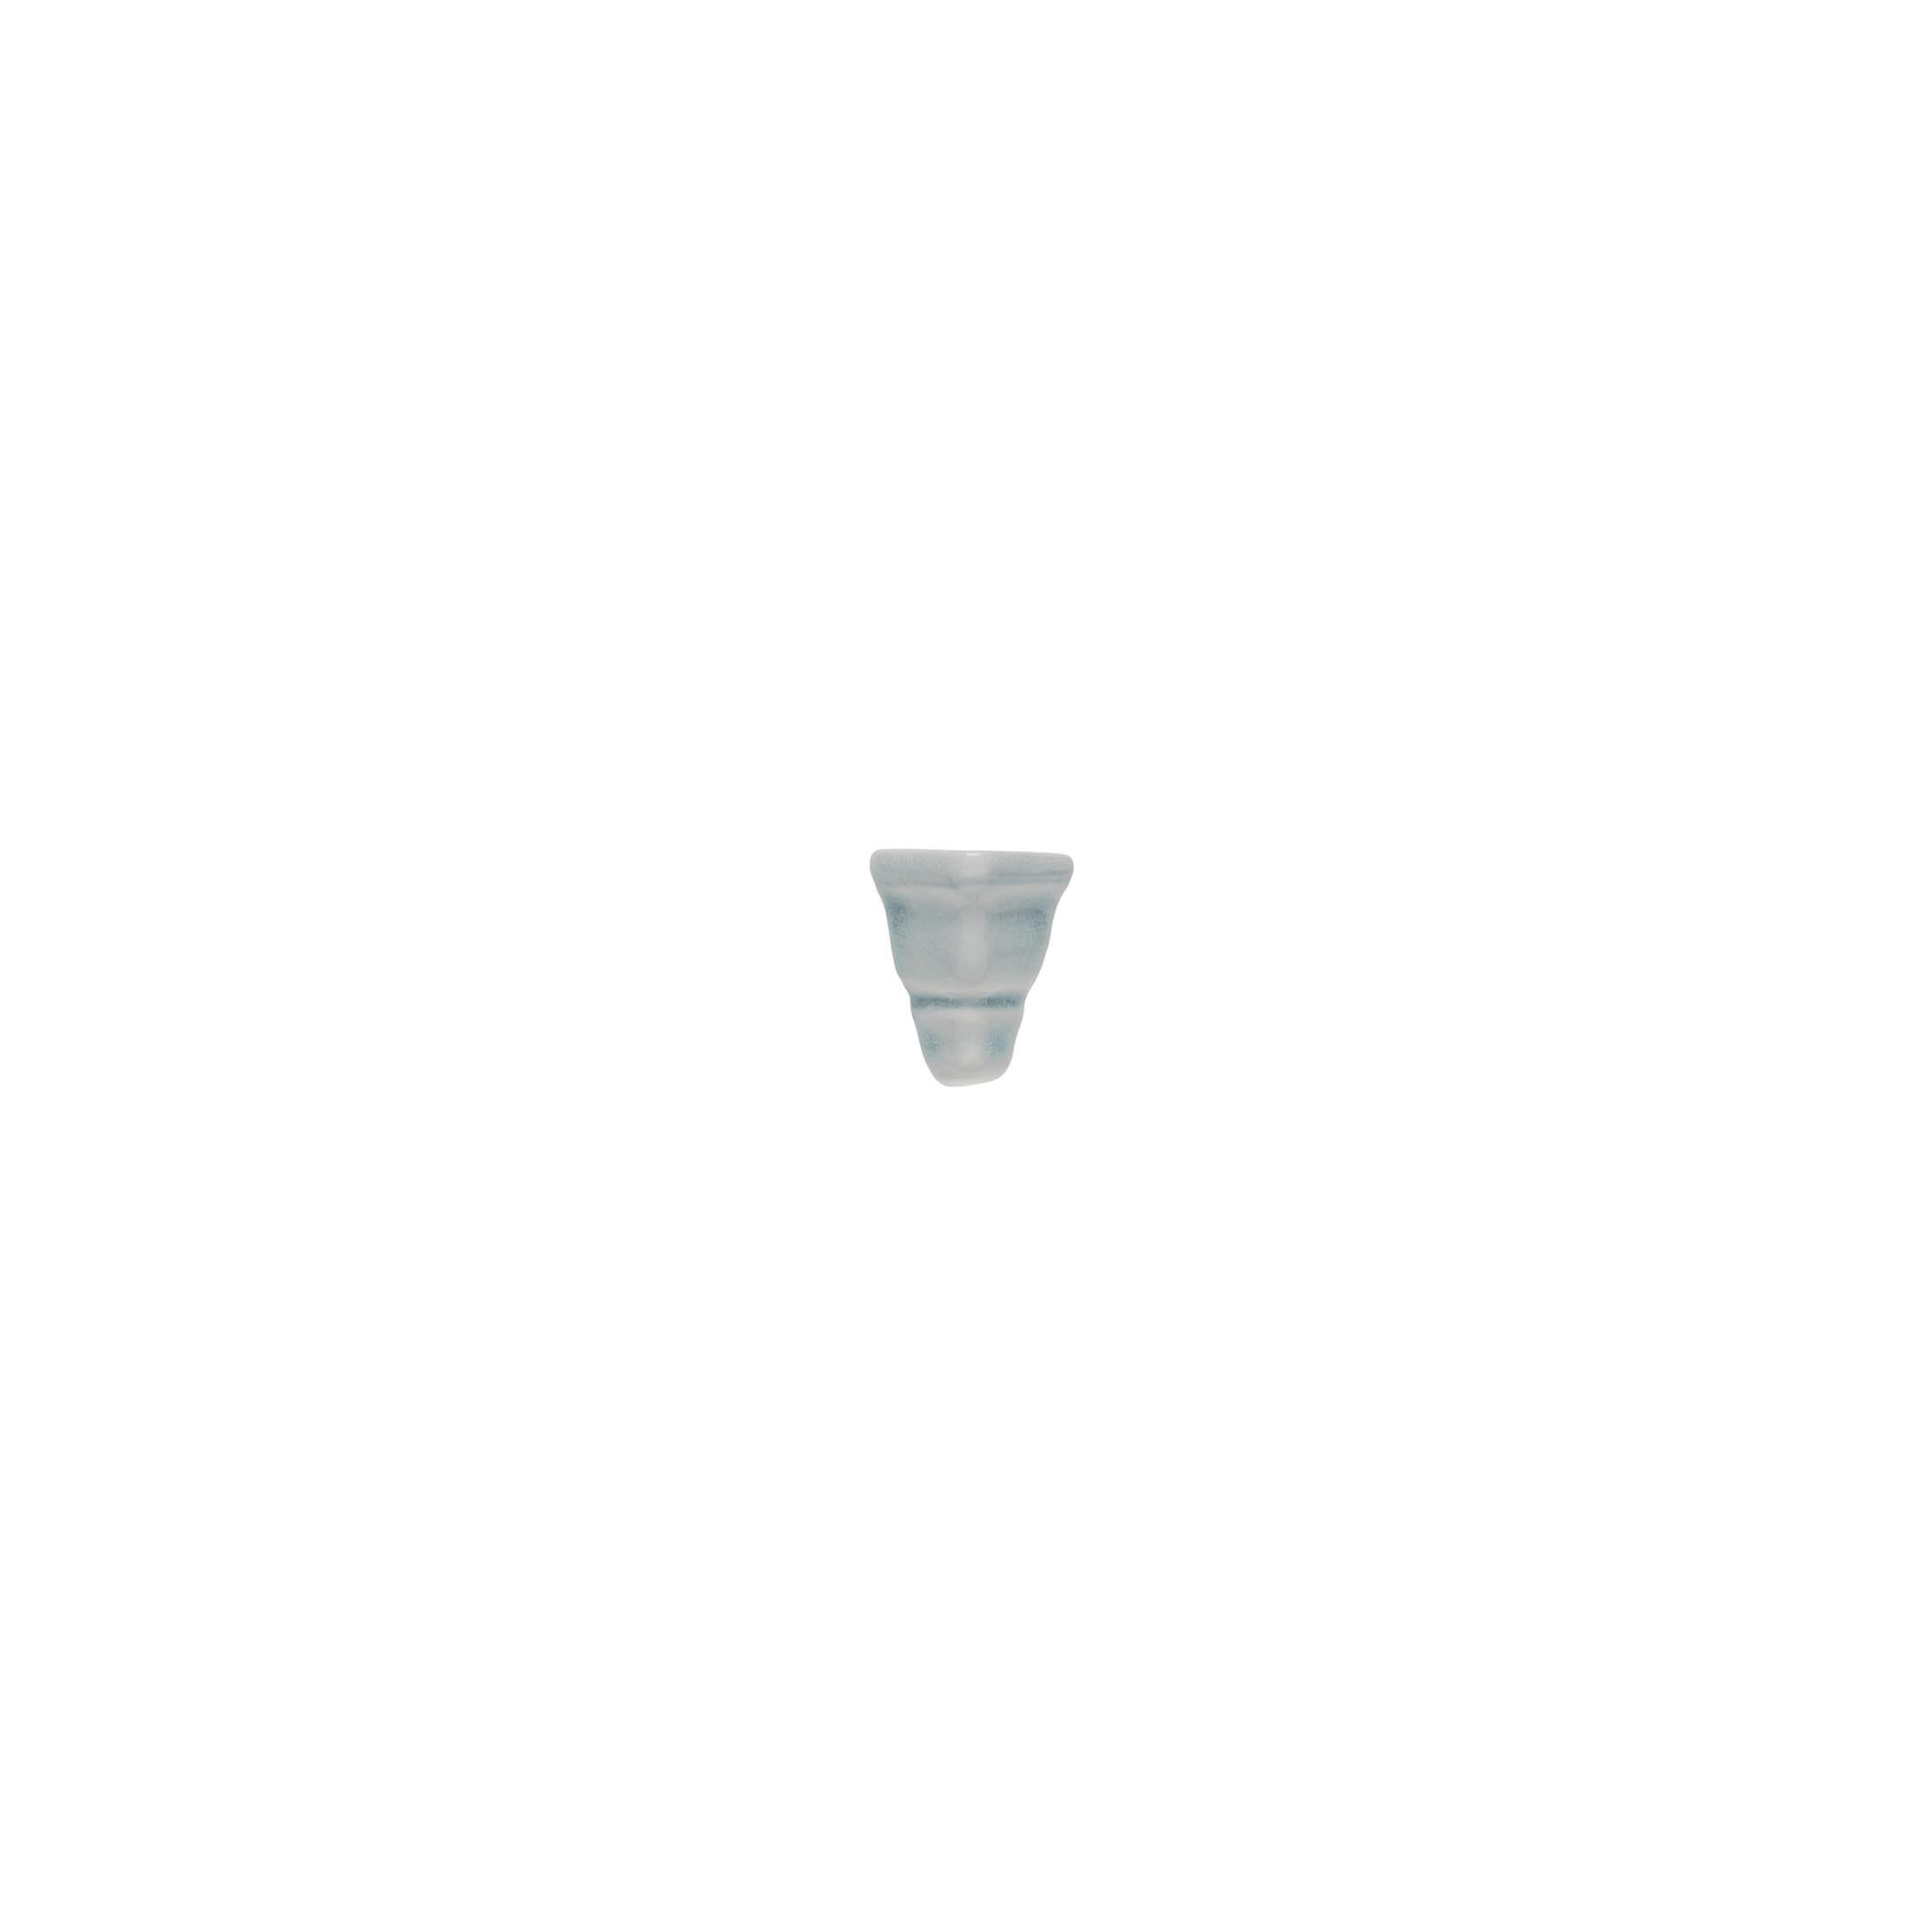 ADOC5067 - ANGULO EXTERIORCORNISA - 3 cm X 15 cm